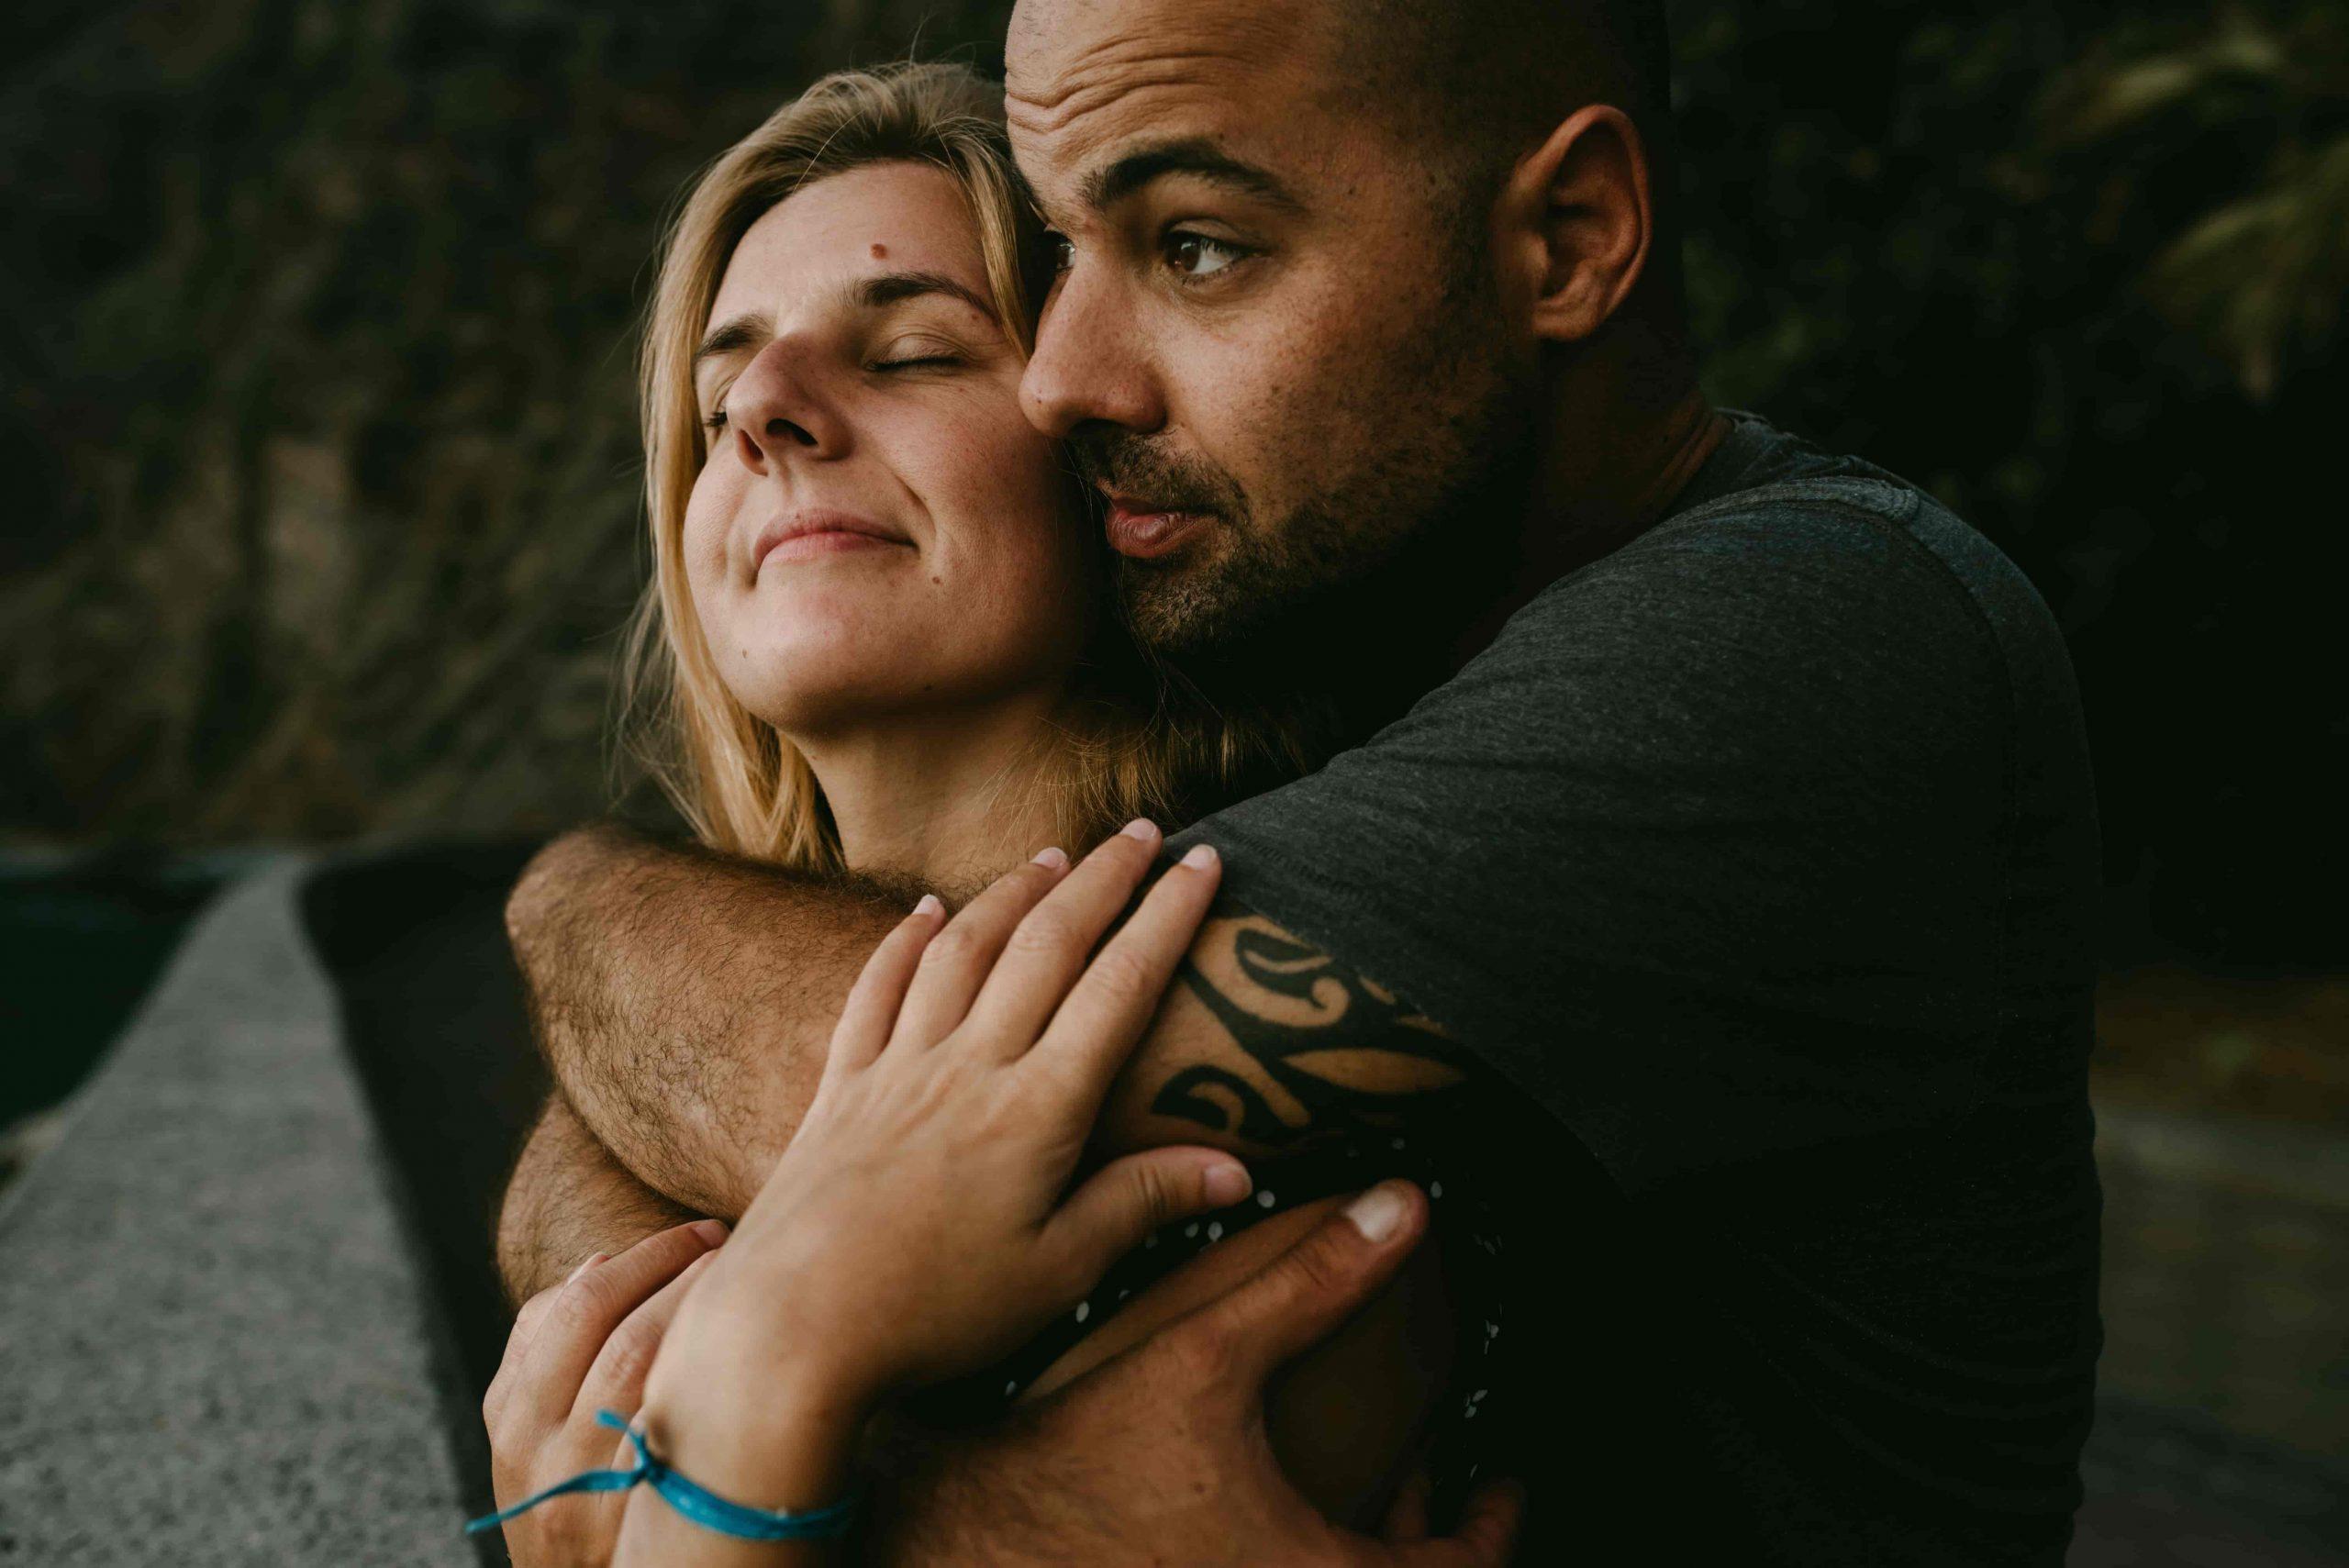 Andreia & Diogo